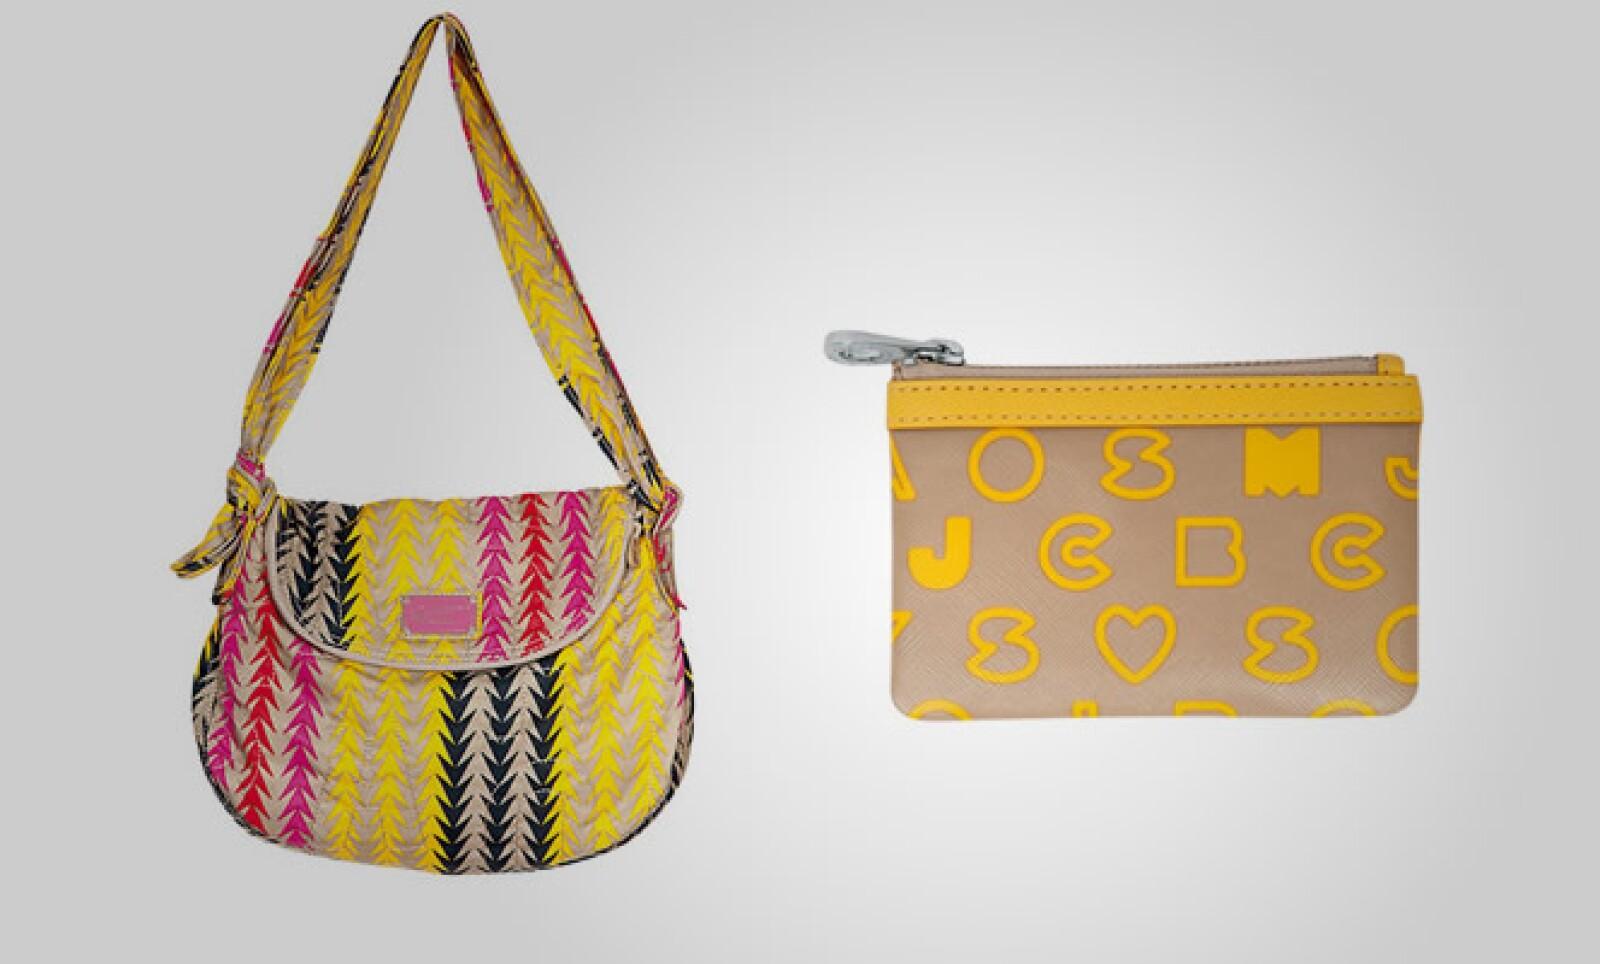 Estas piezas están disponibles en las boutiques de la firma en México a partir de la última semana de enero.